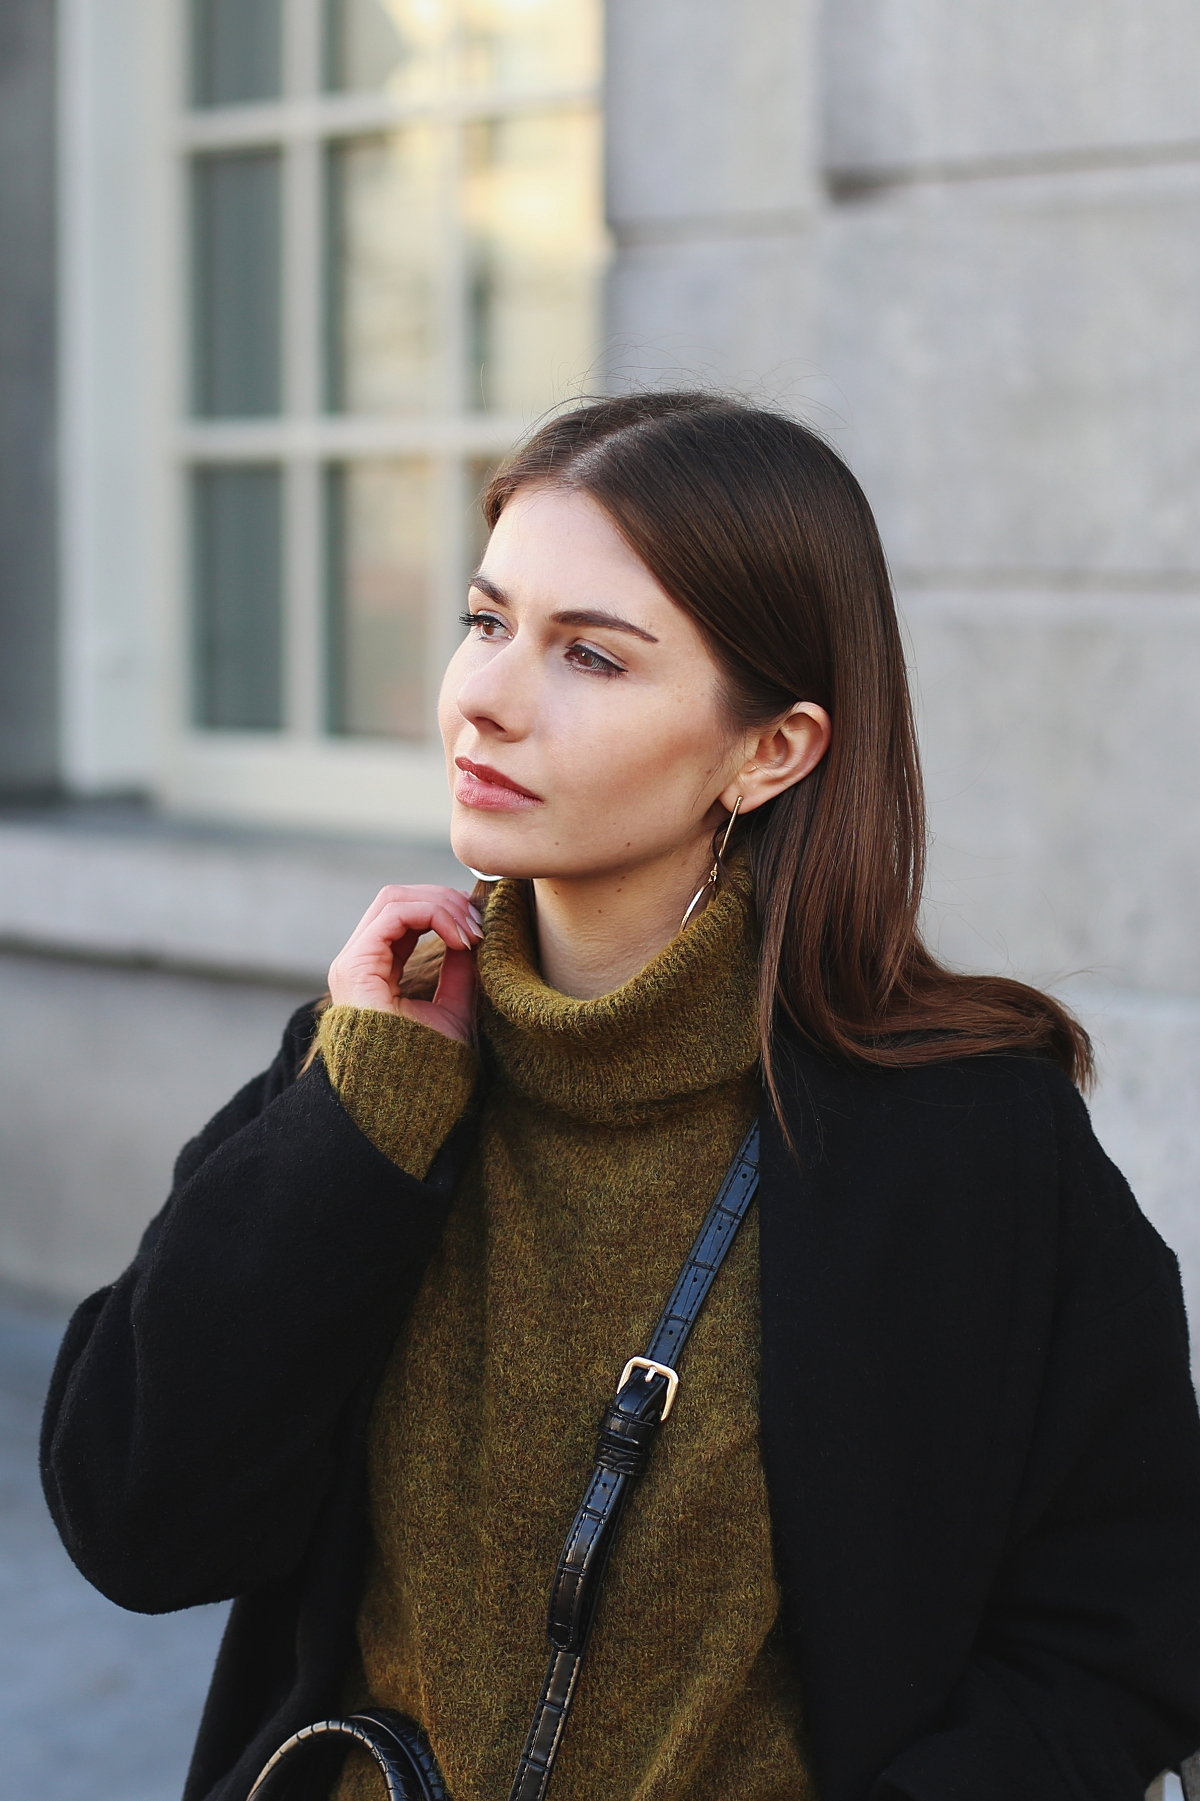 Złote minimalistyczne kolczyki i wełniany swetr oversize